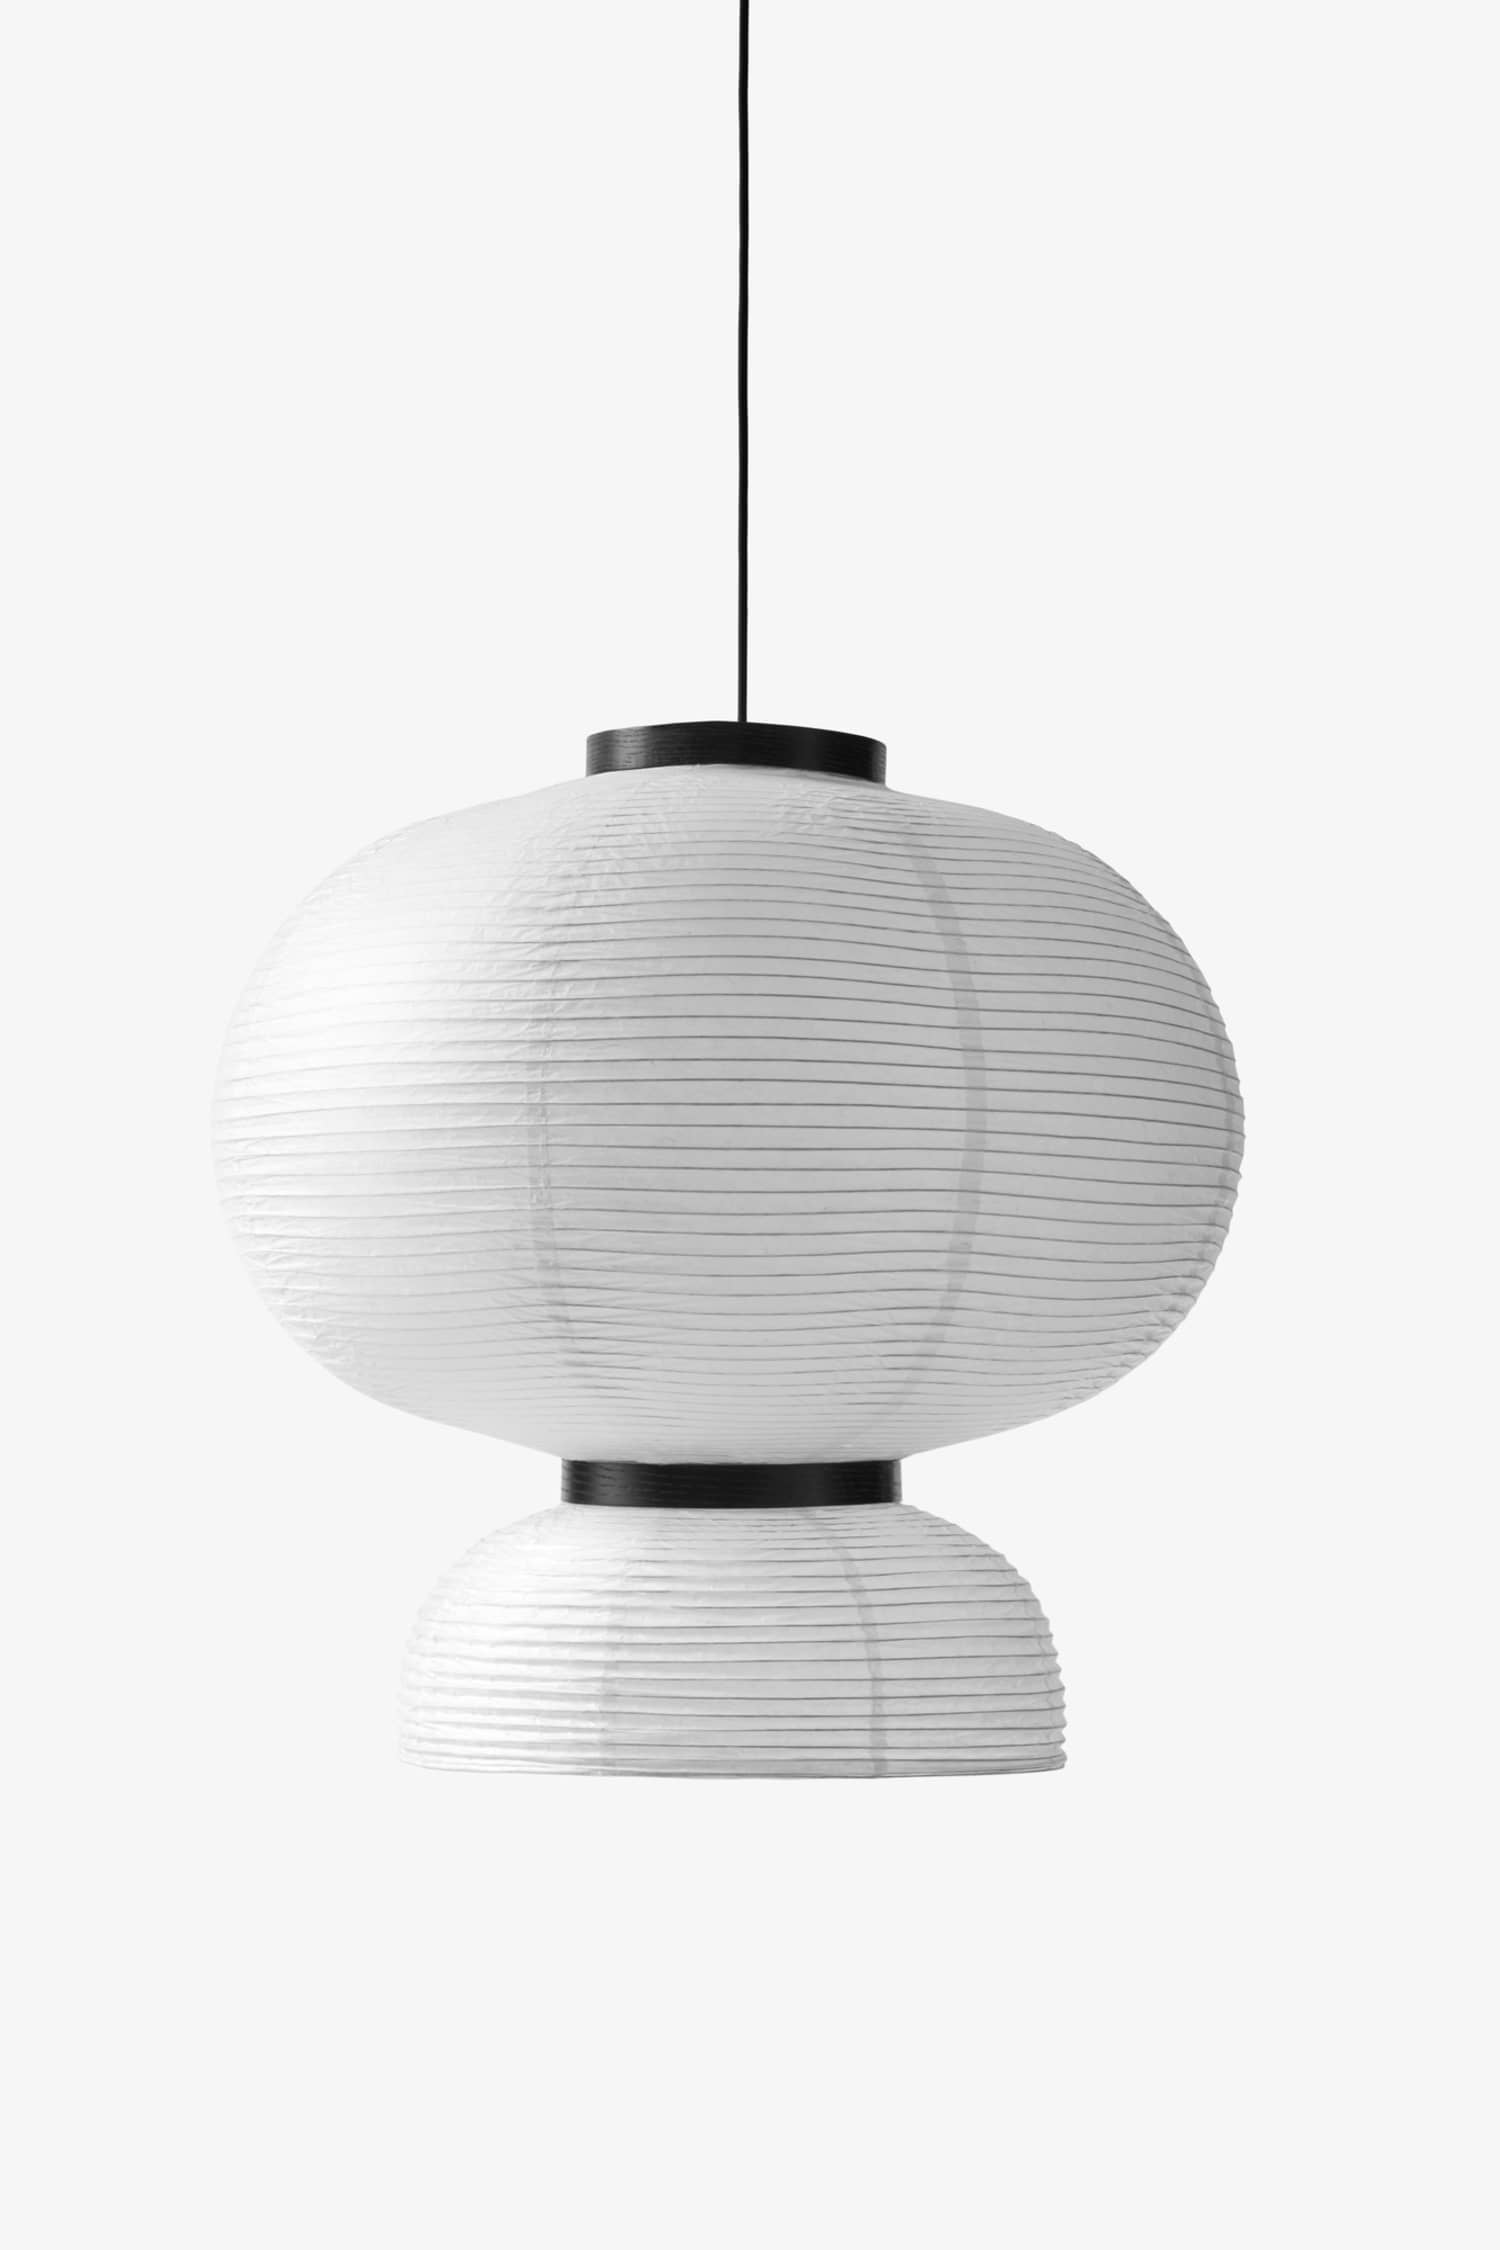 Rispapperslampan, som var inne på 70- och 90-talet, har blivit populär igen, mycket tack vare &Traditions variant som Jaime Hayon designat. &Tradition, 2 395 kr